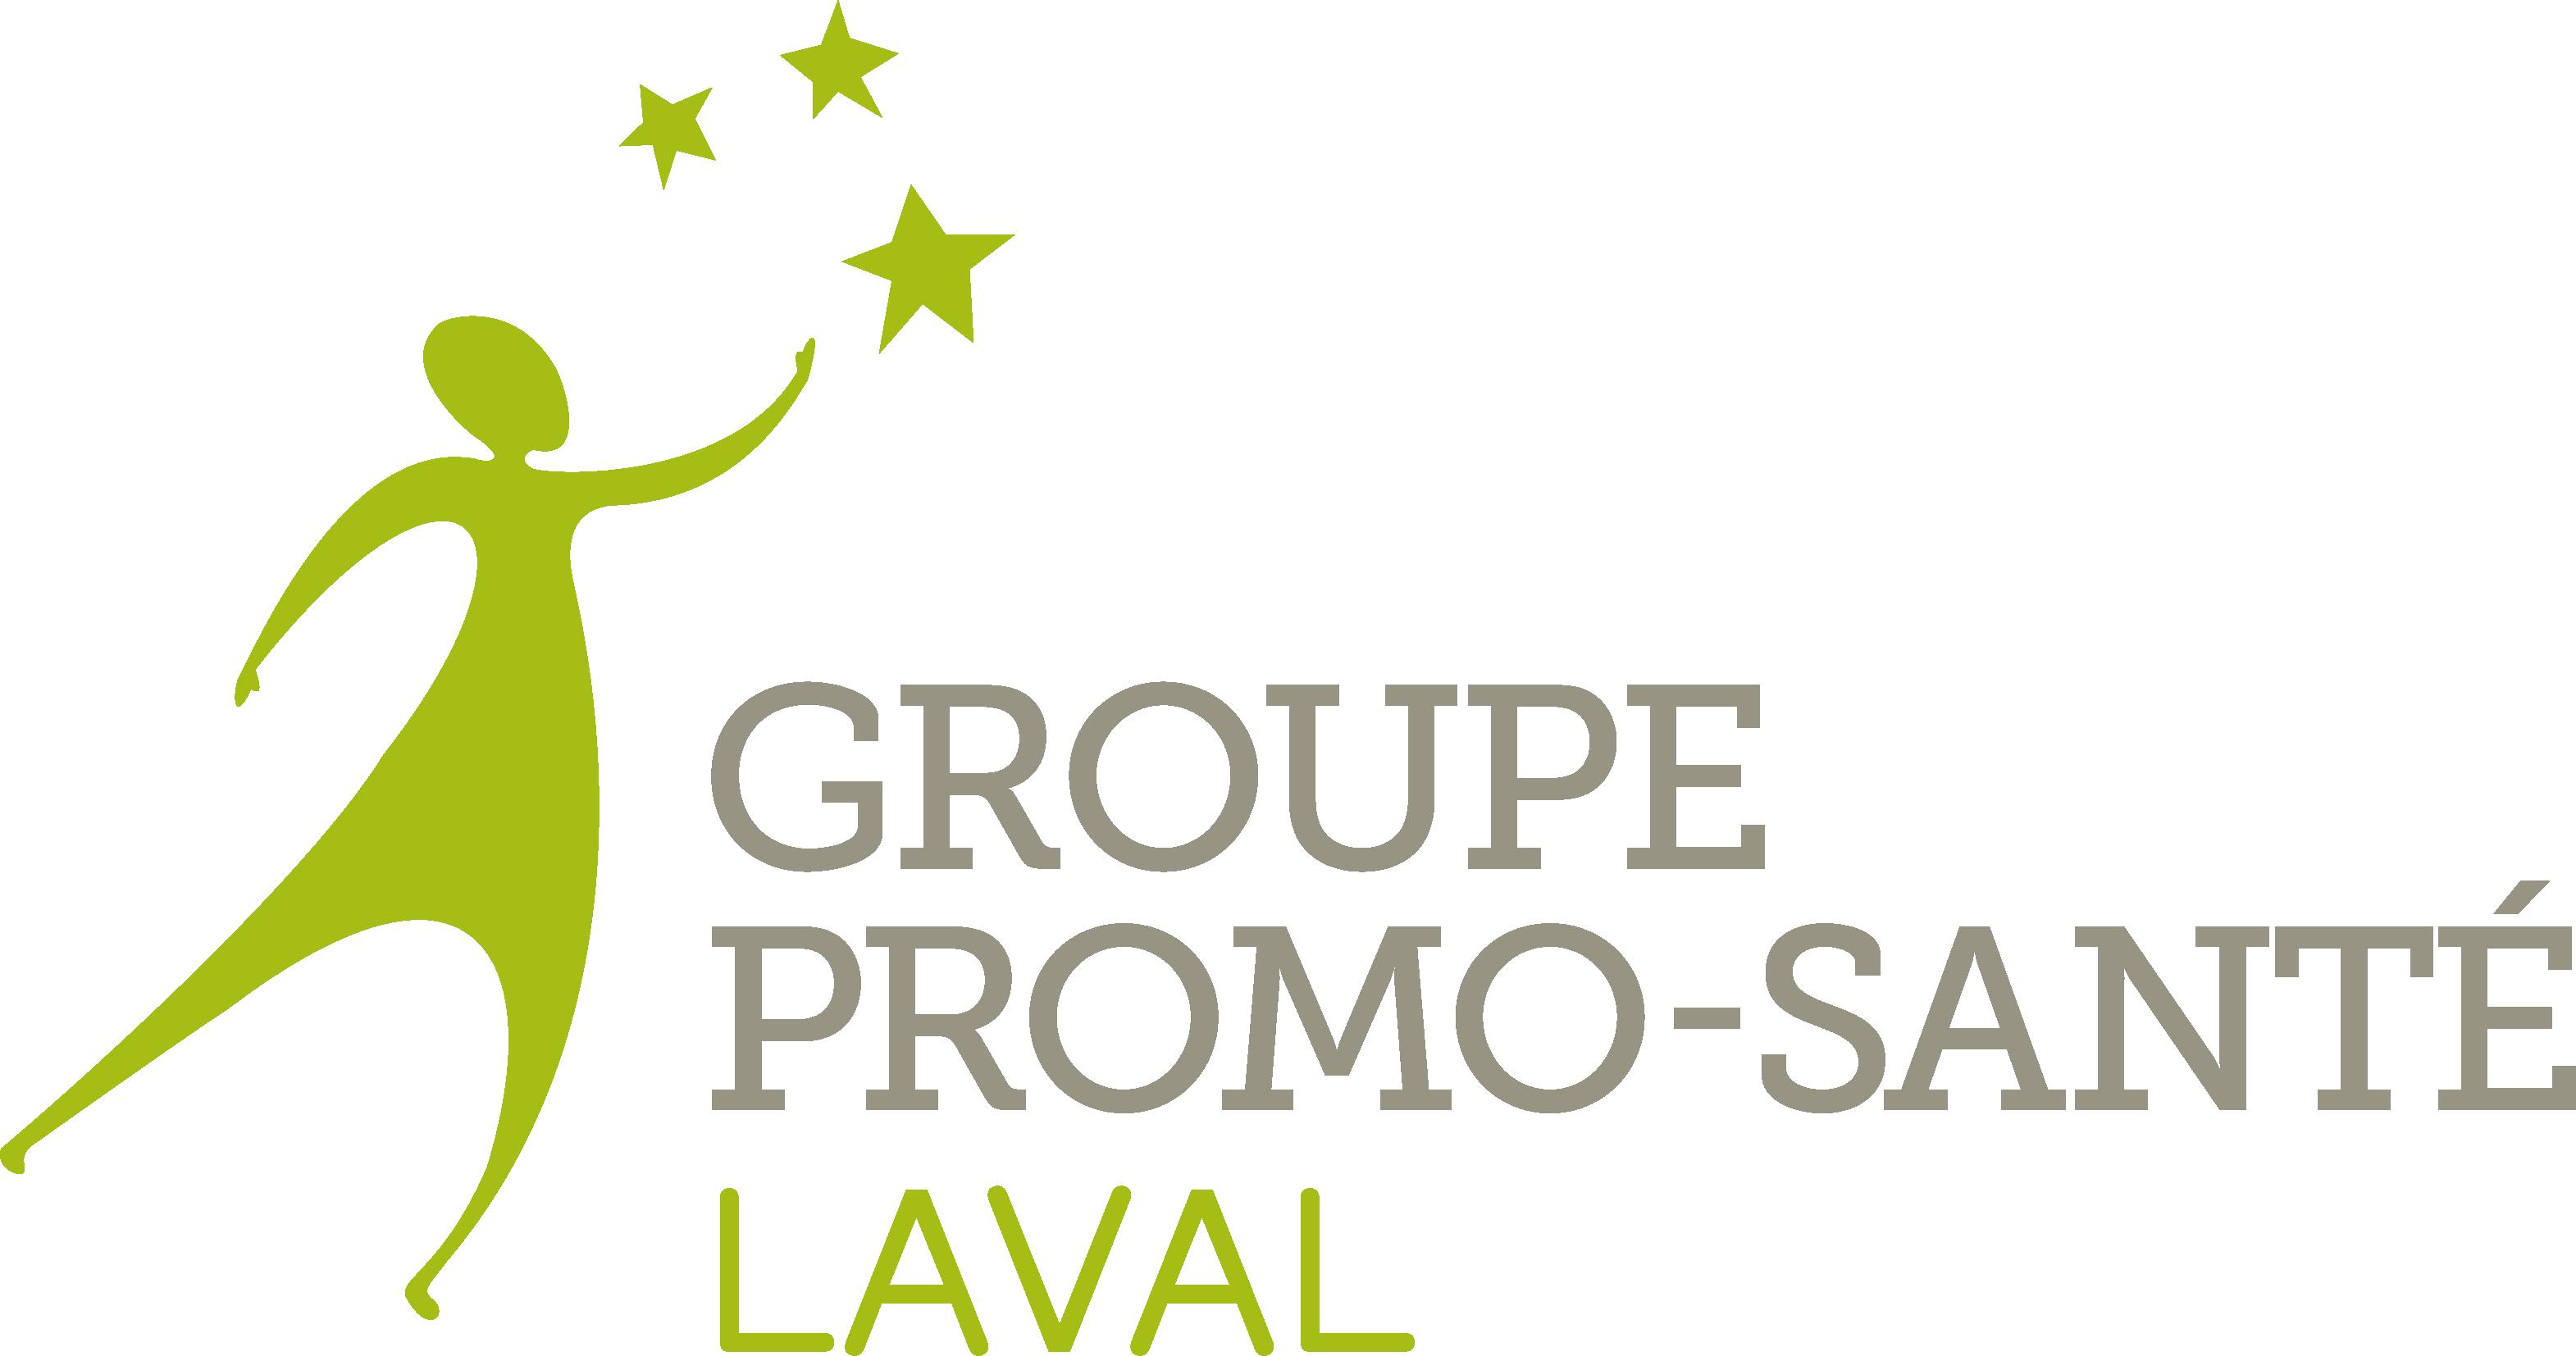 Logo Groupe Promo-Santé Laval